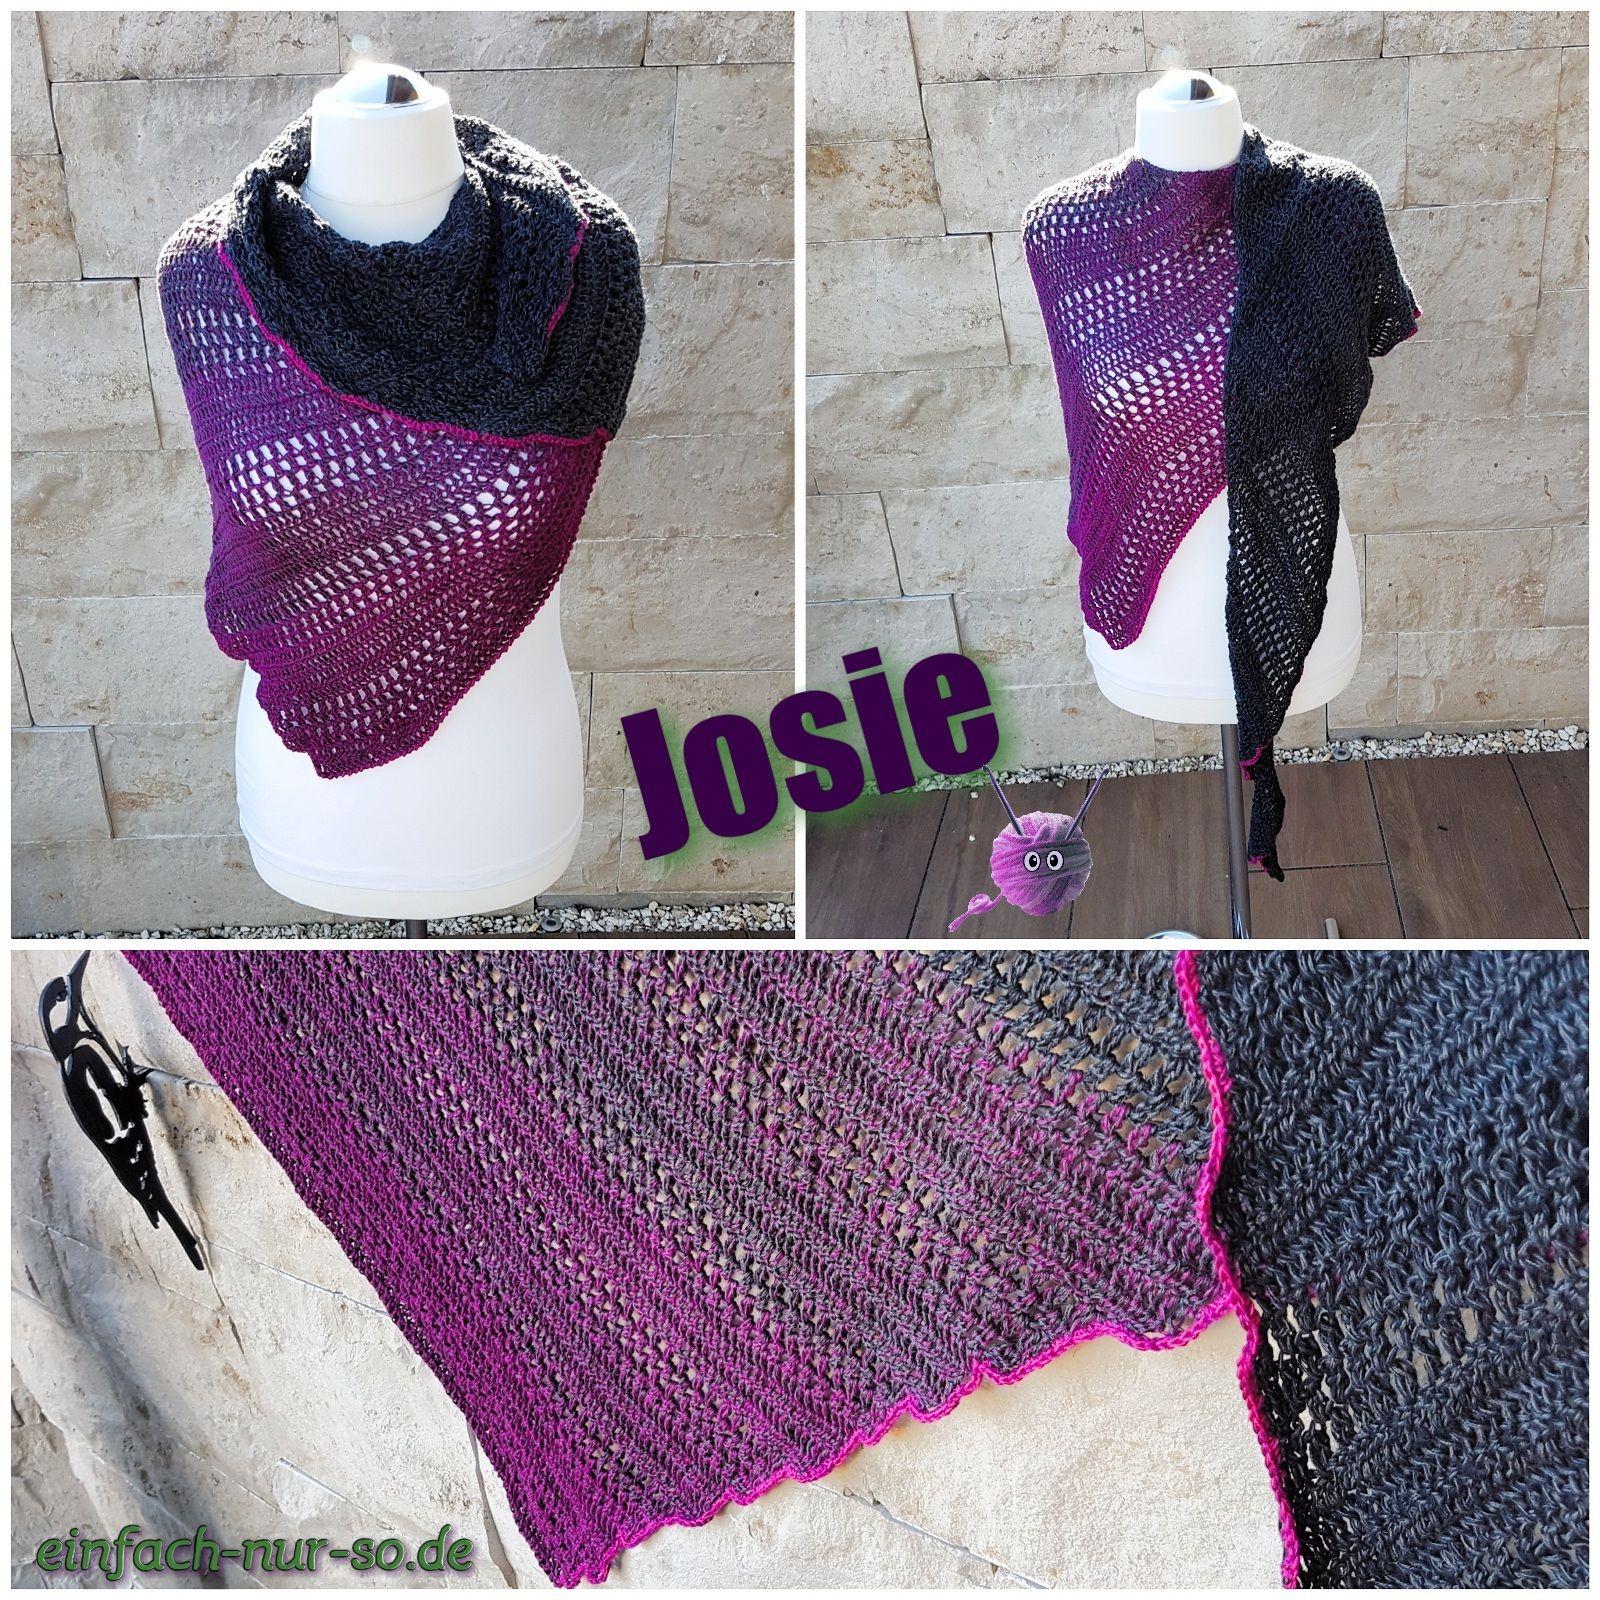 Zackenschal Josie | Crochet shawl, Shawl and Crochet